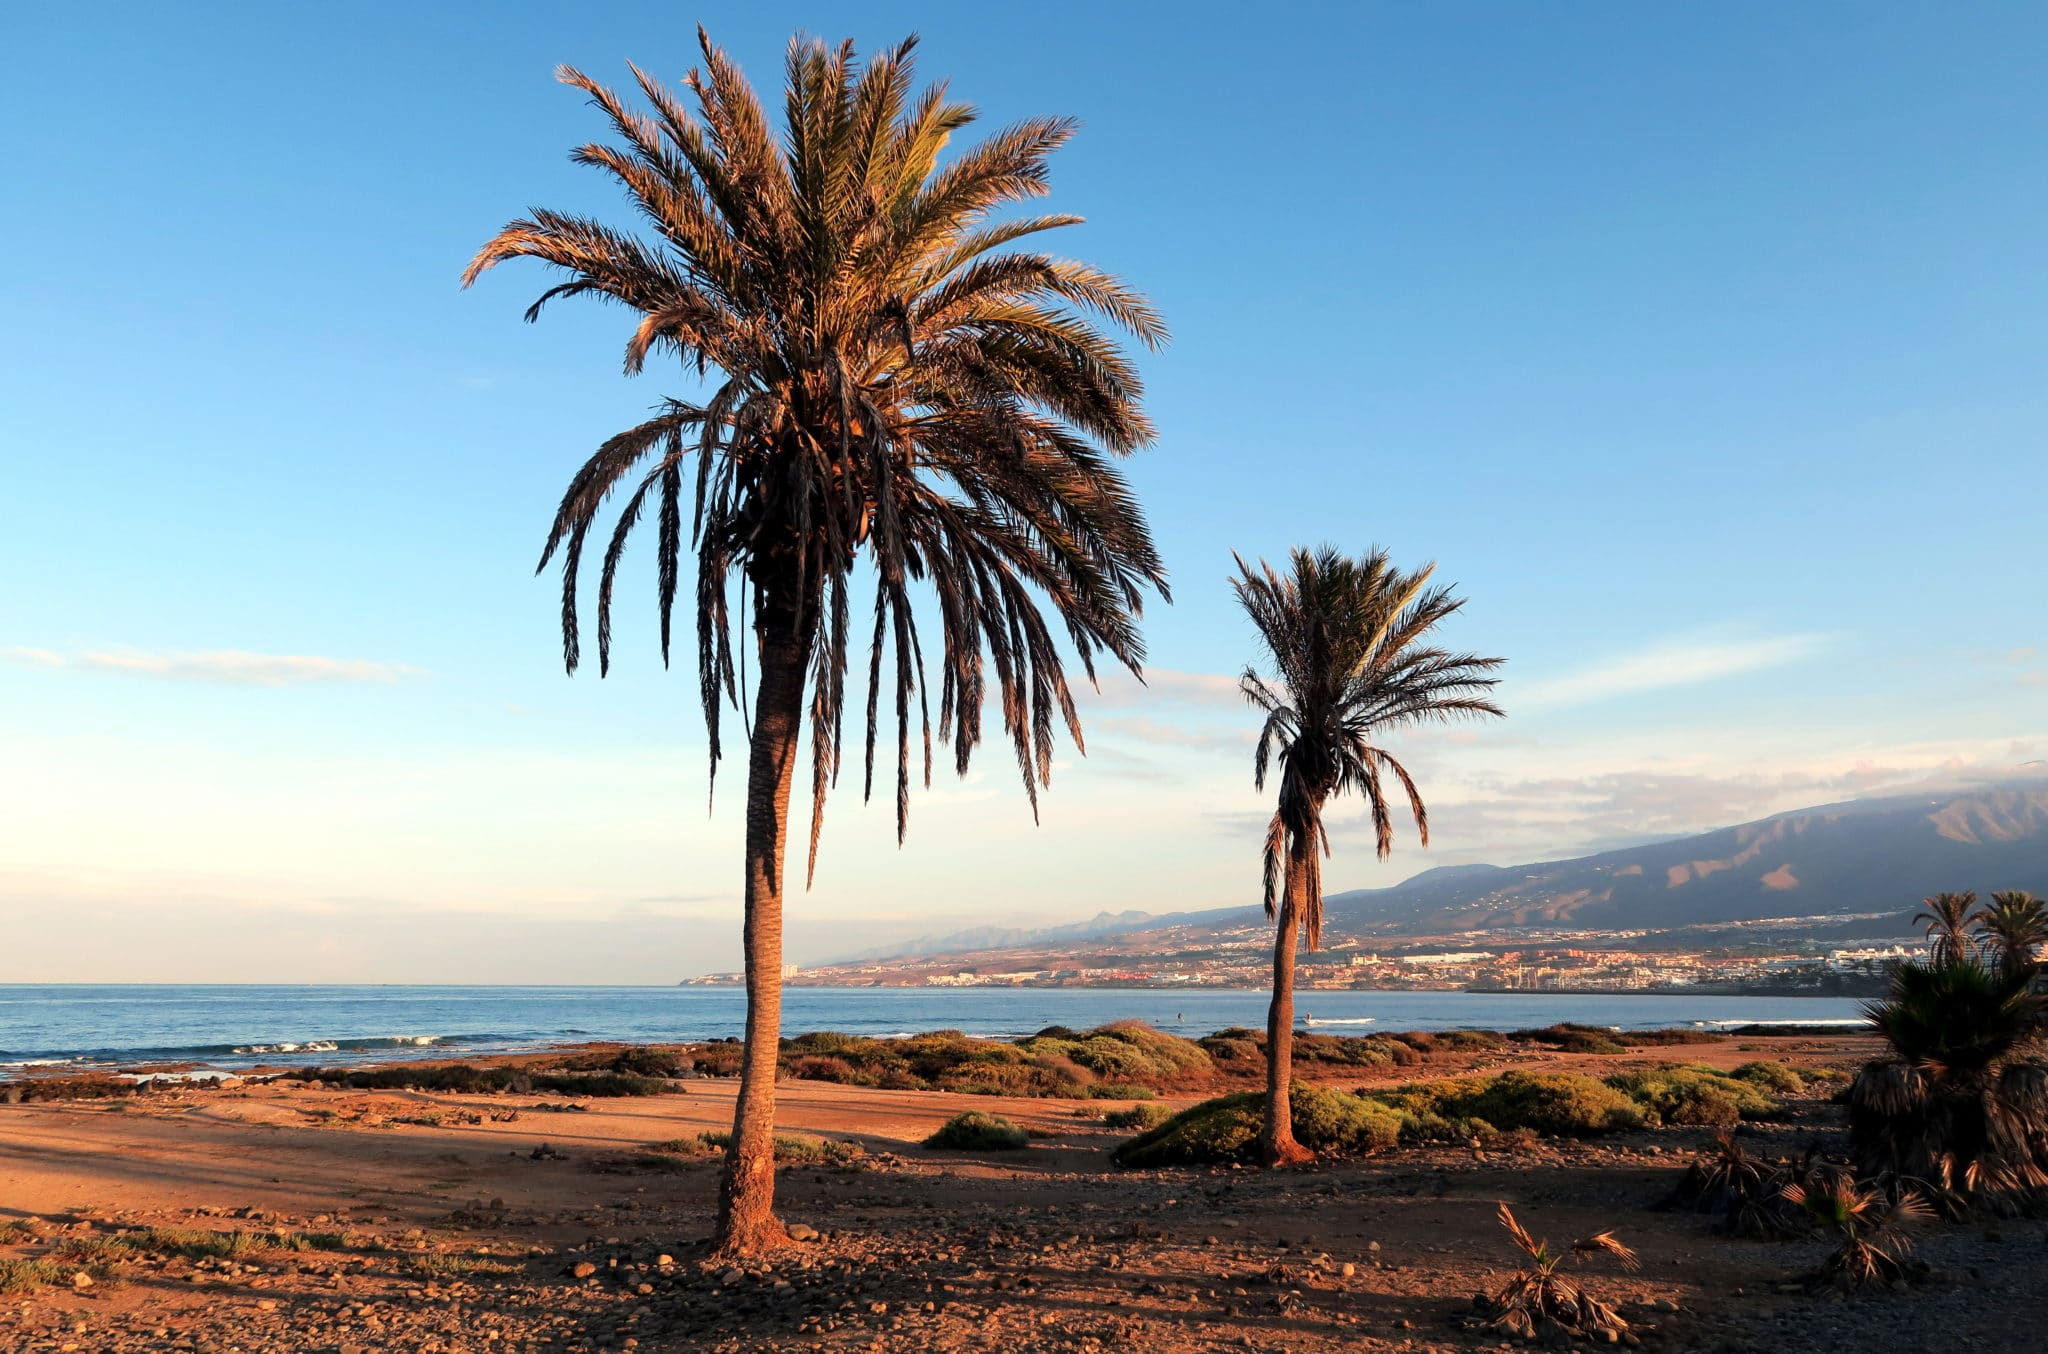 Playas de las Americas